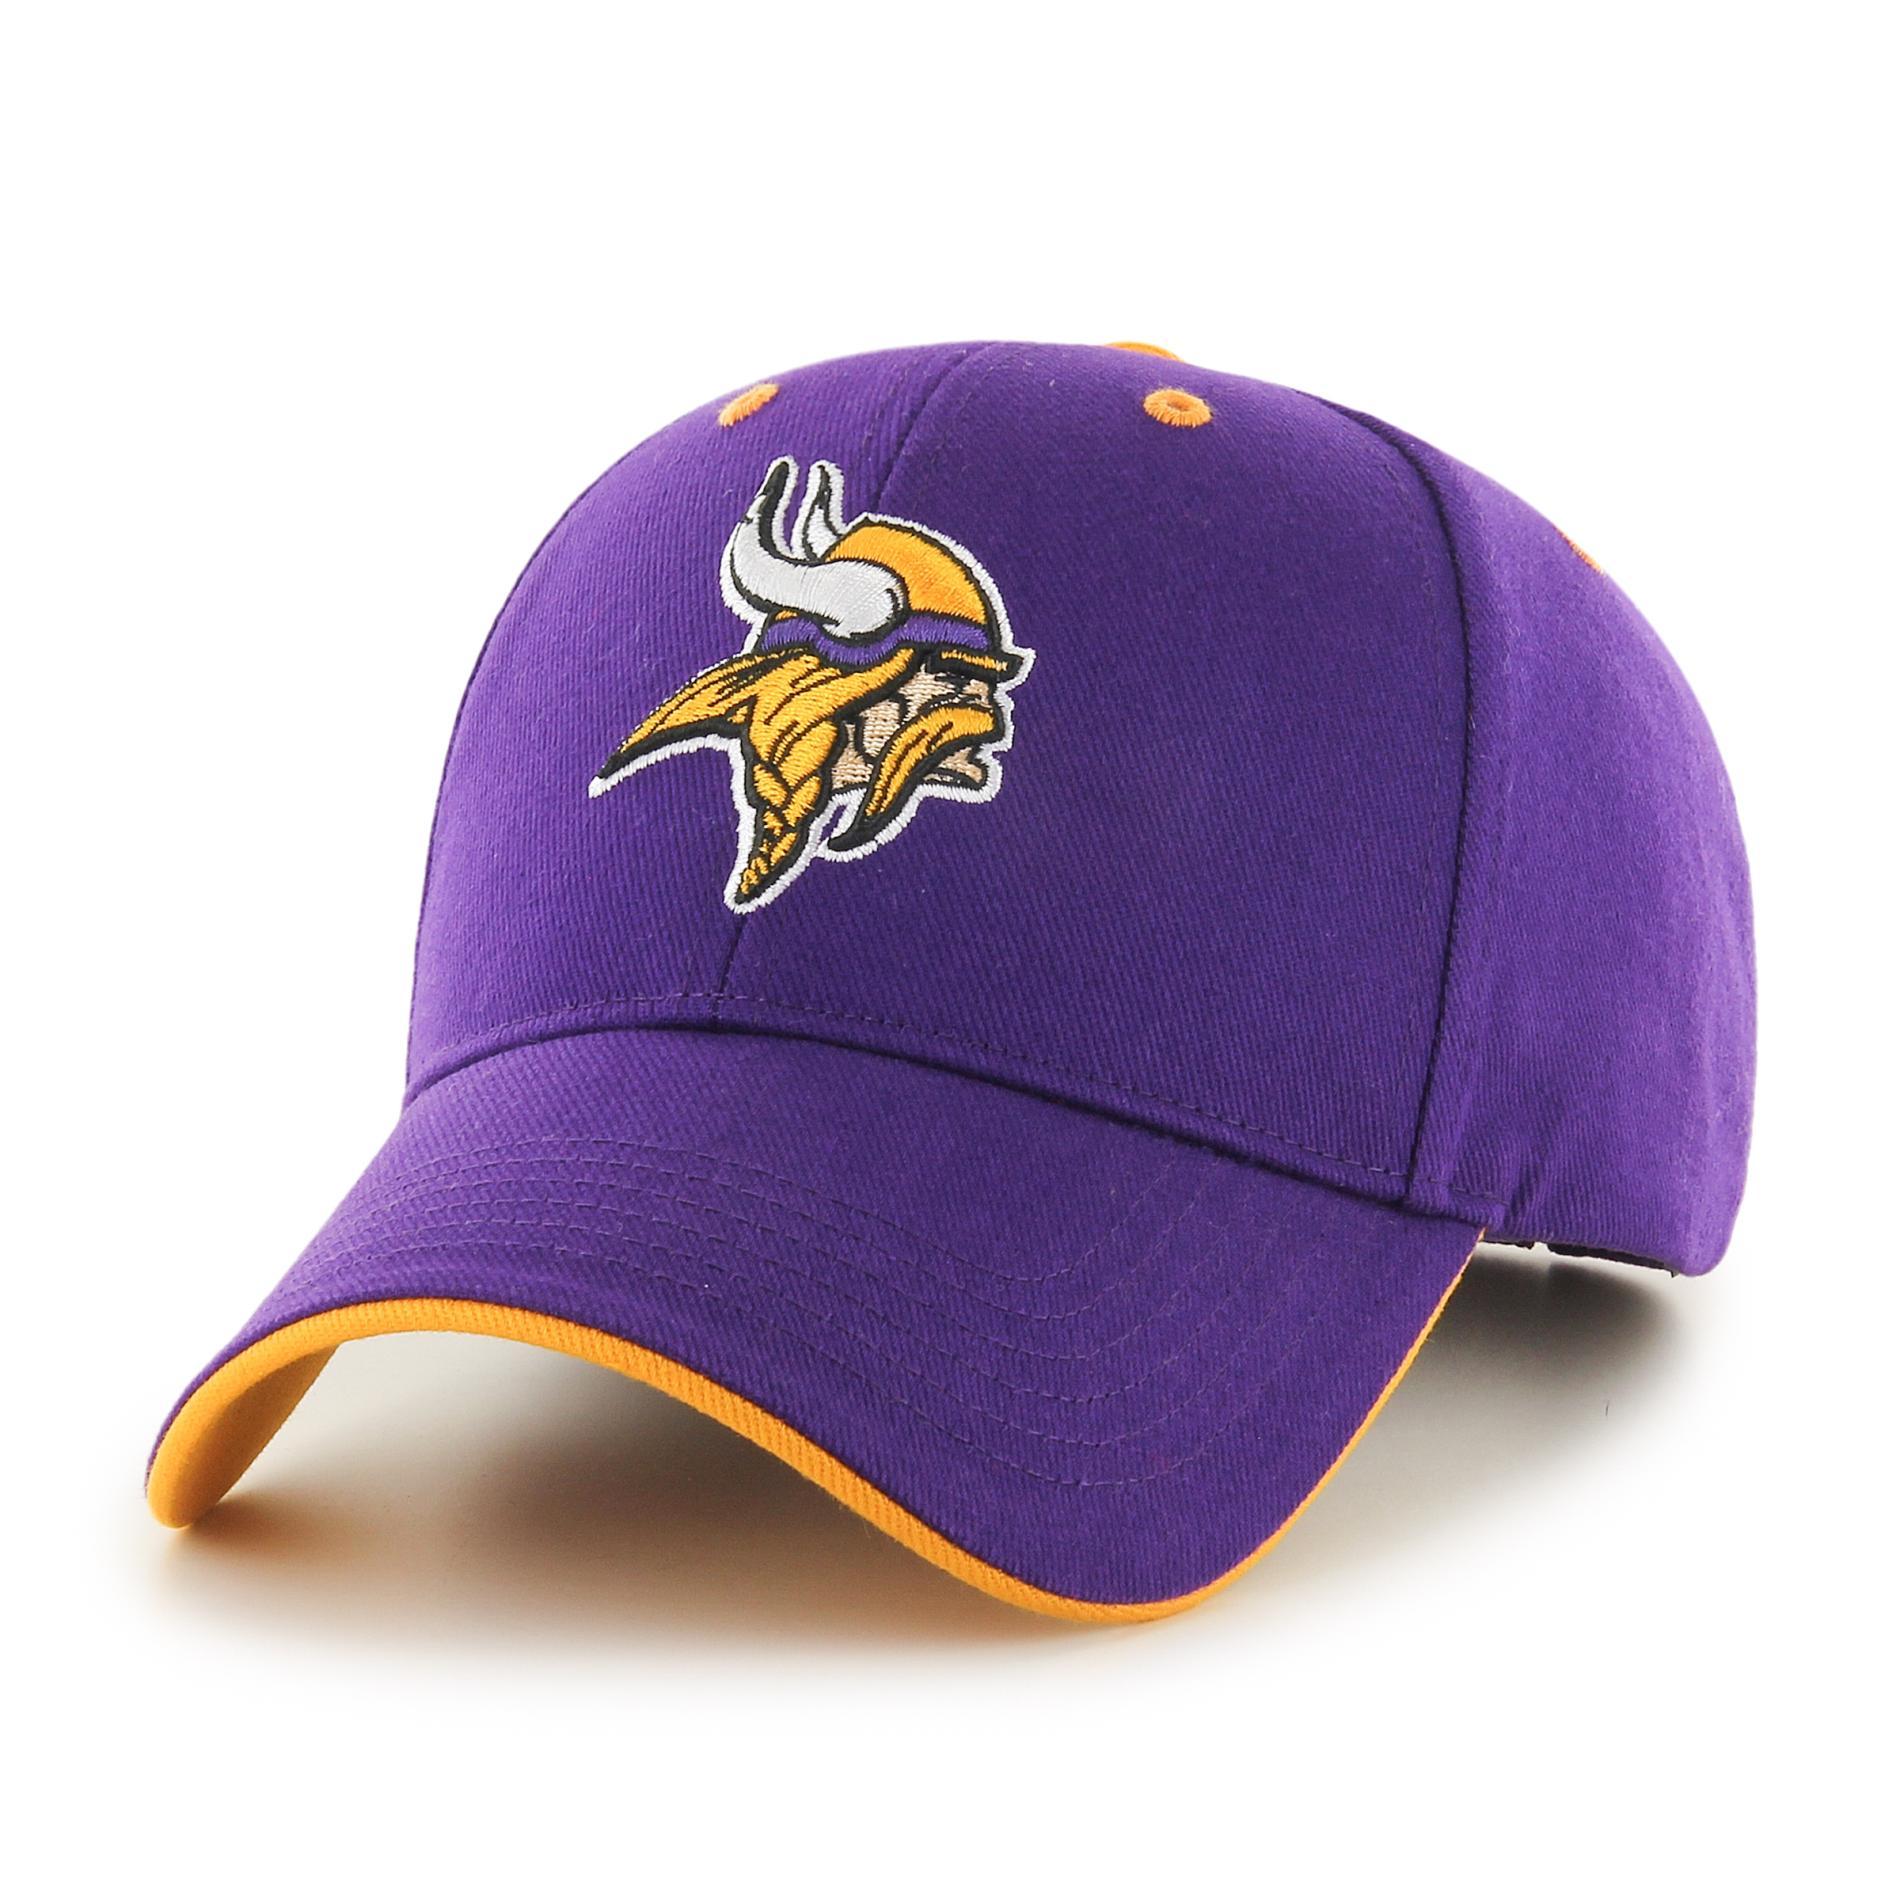 Men's Money Maker Baseball Hat - Minnesota Vikings